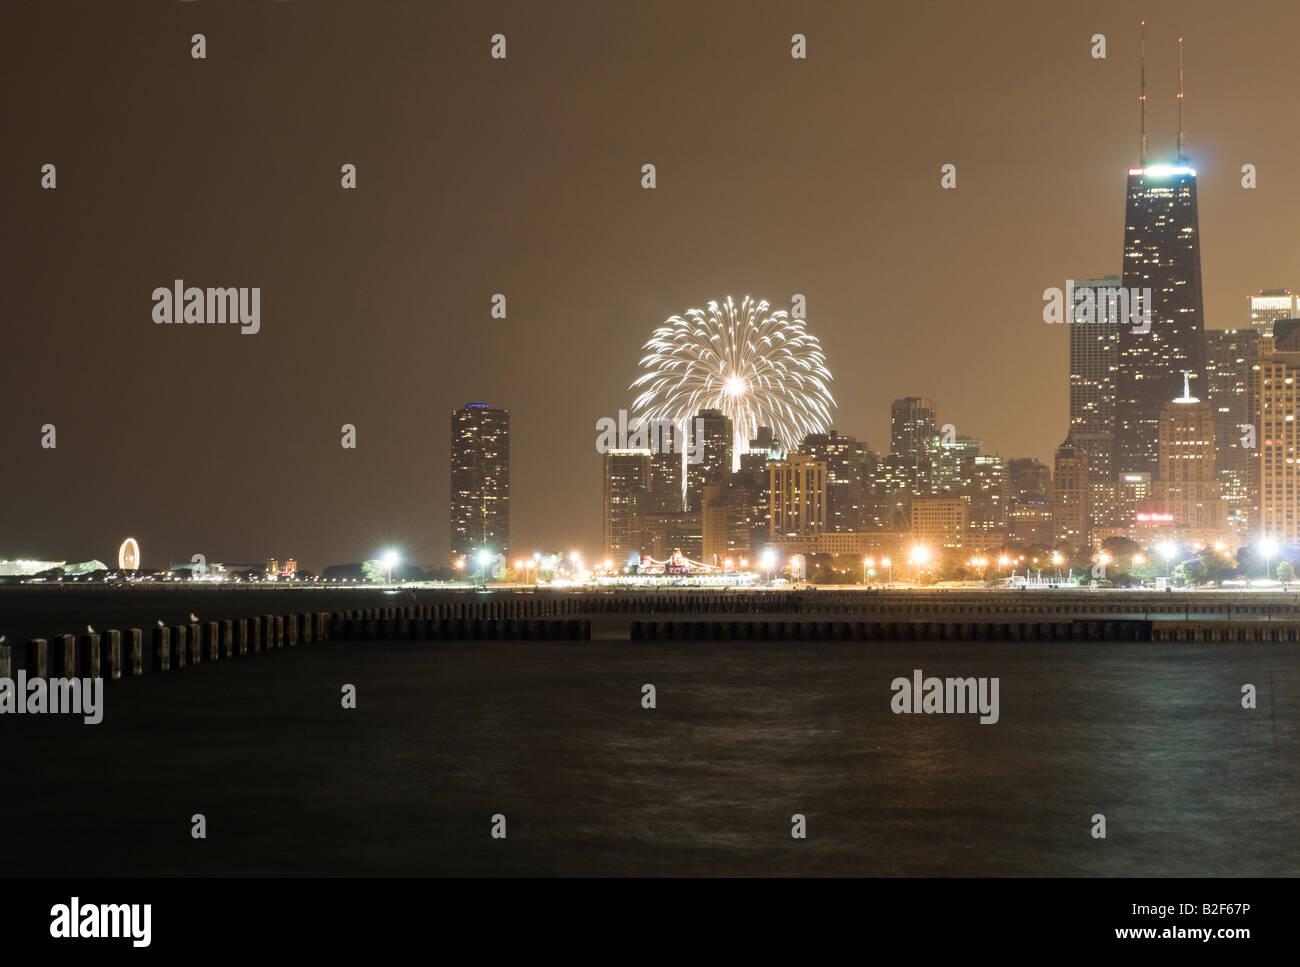 Lakefront Chicago Illinois Navy Pier Stock Photos & Lakefront ...